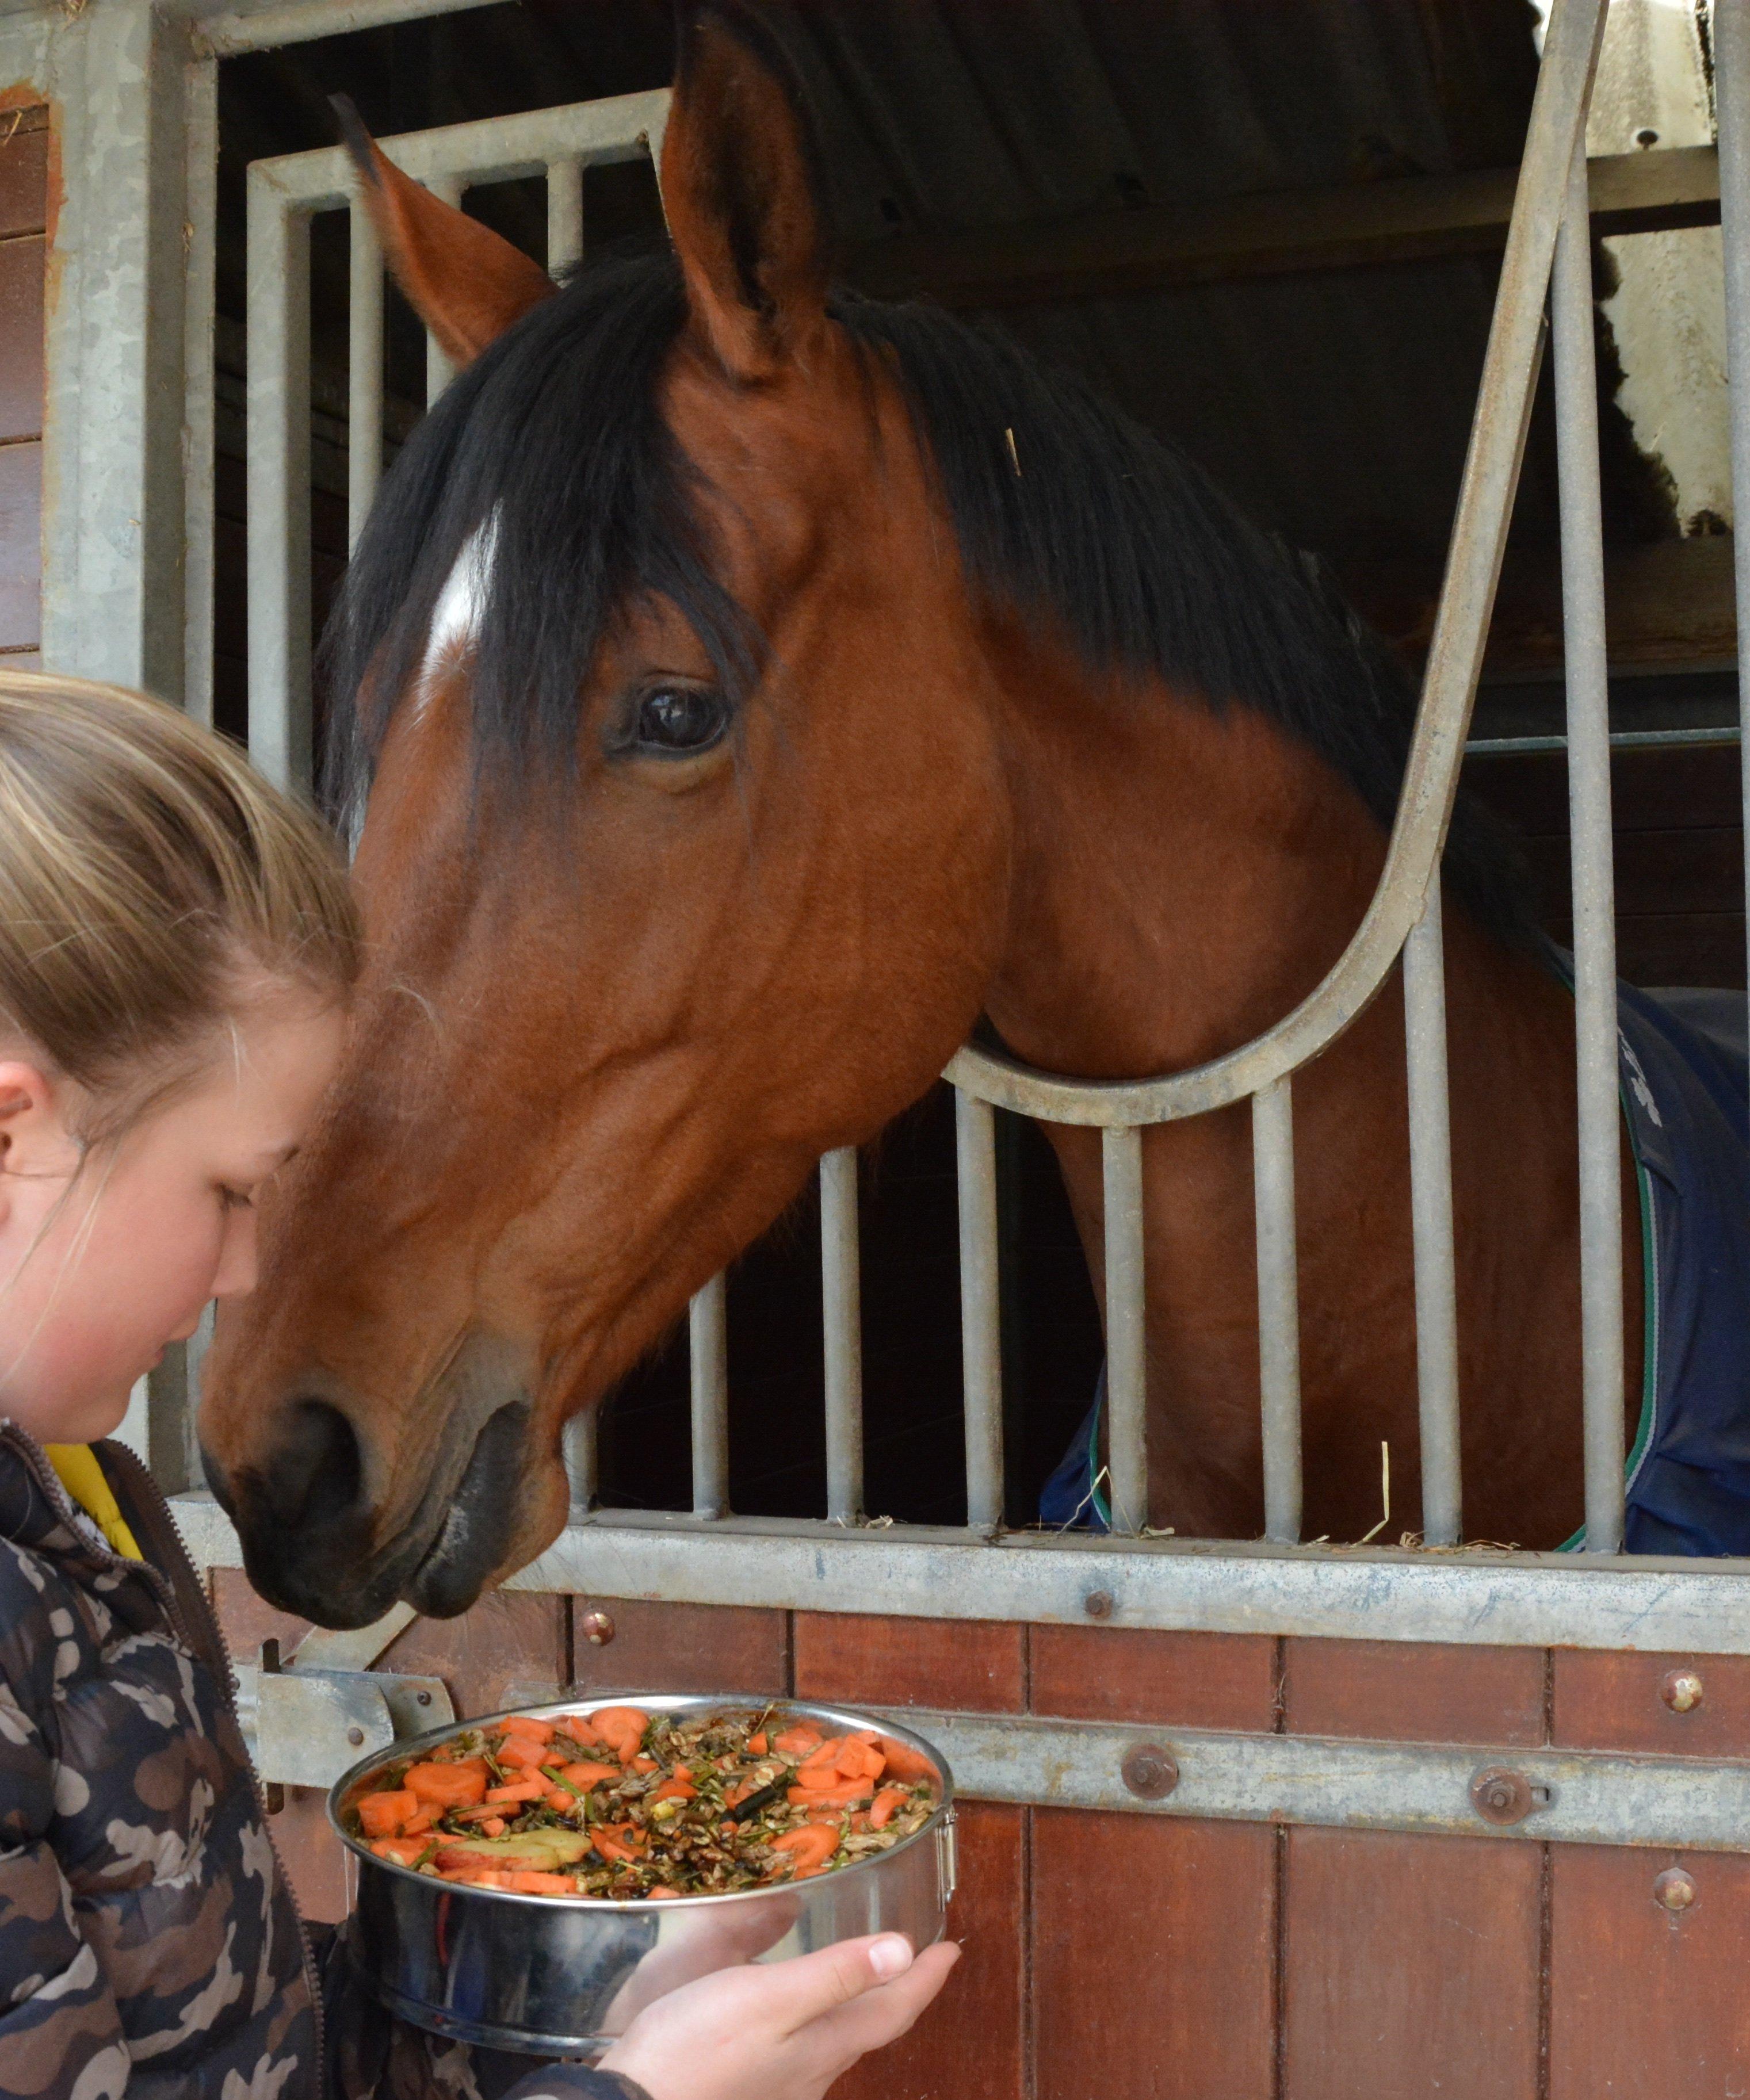 hoeveel kg hooi per paard per dag